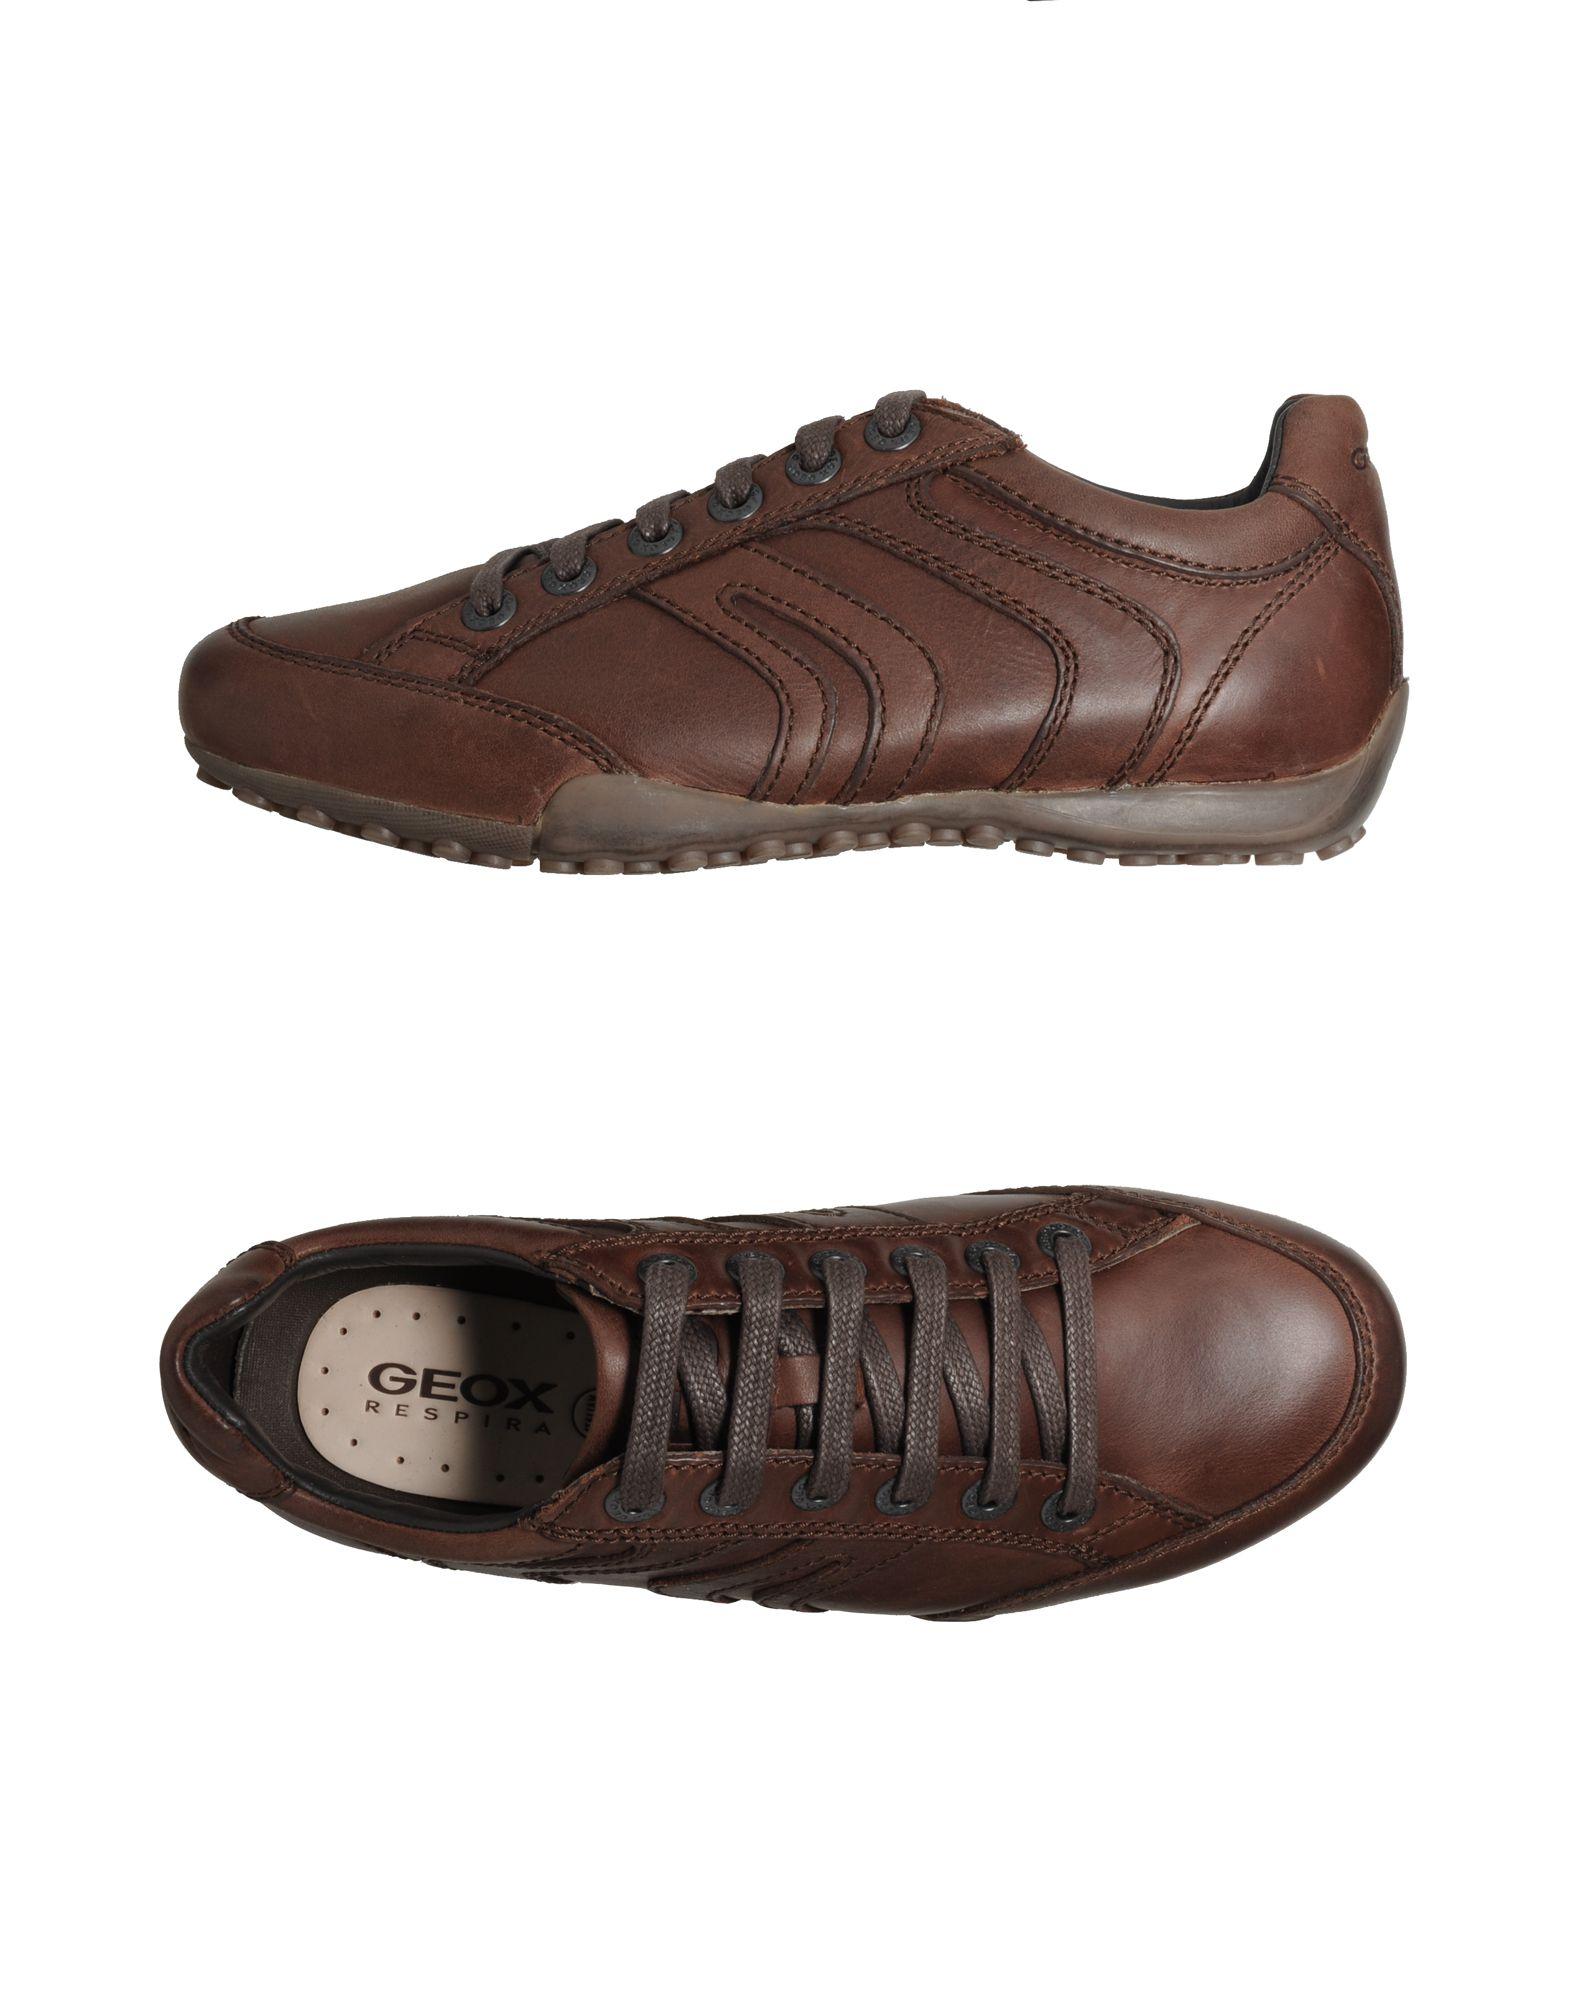 Foto geox sneakers